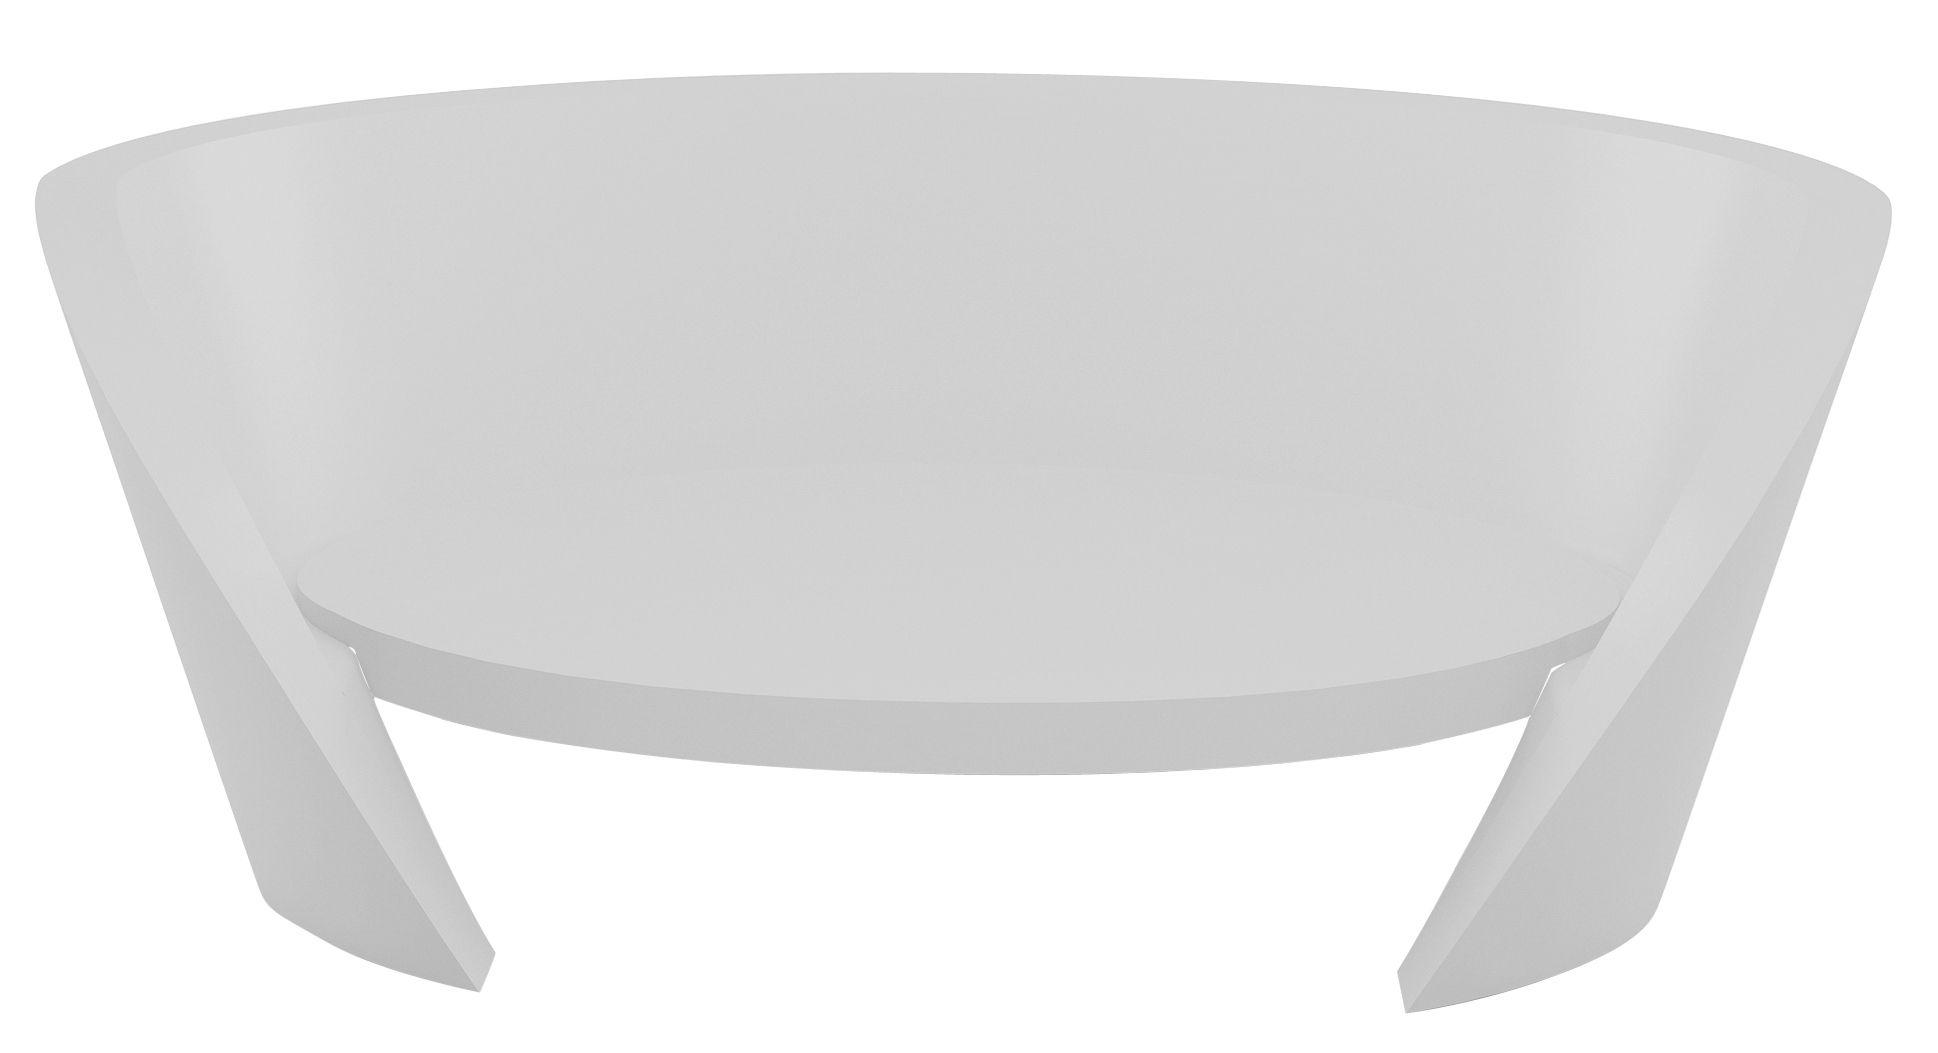 Outdoor - Canapés - Canapé droit Rap / L 170 cm - Slide - Blanc - polyéthène recyclable